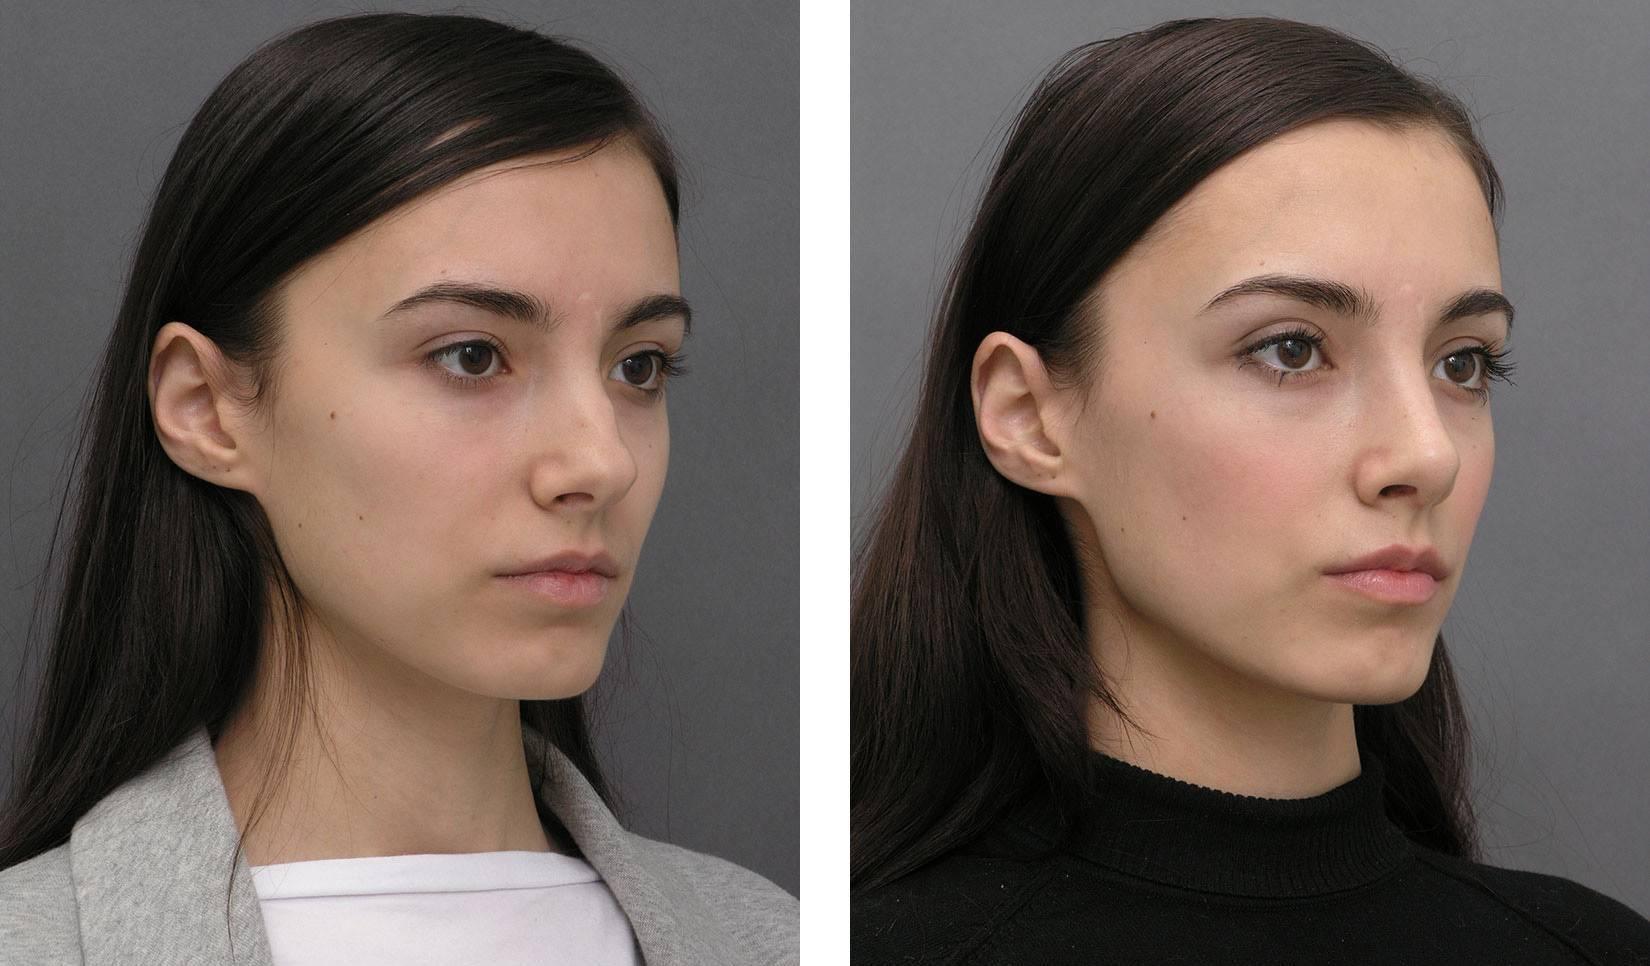 исправить нос без операции